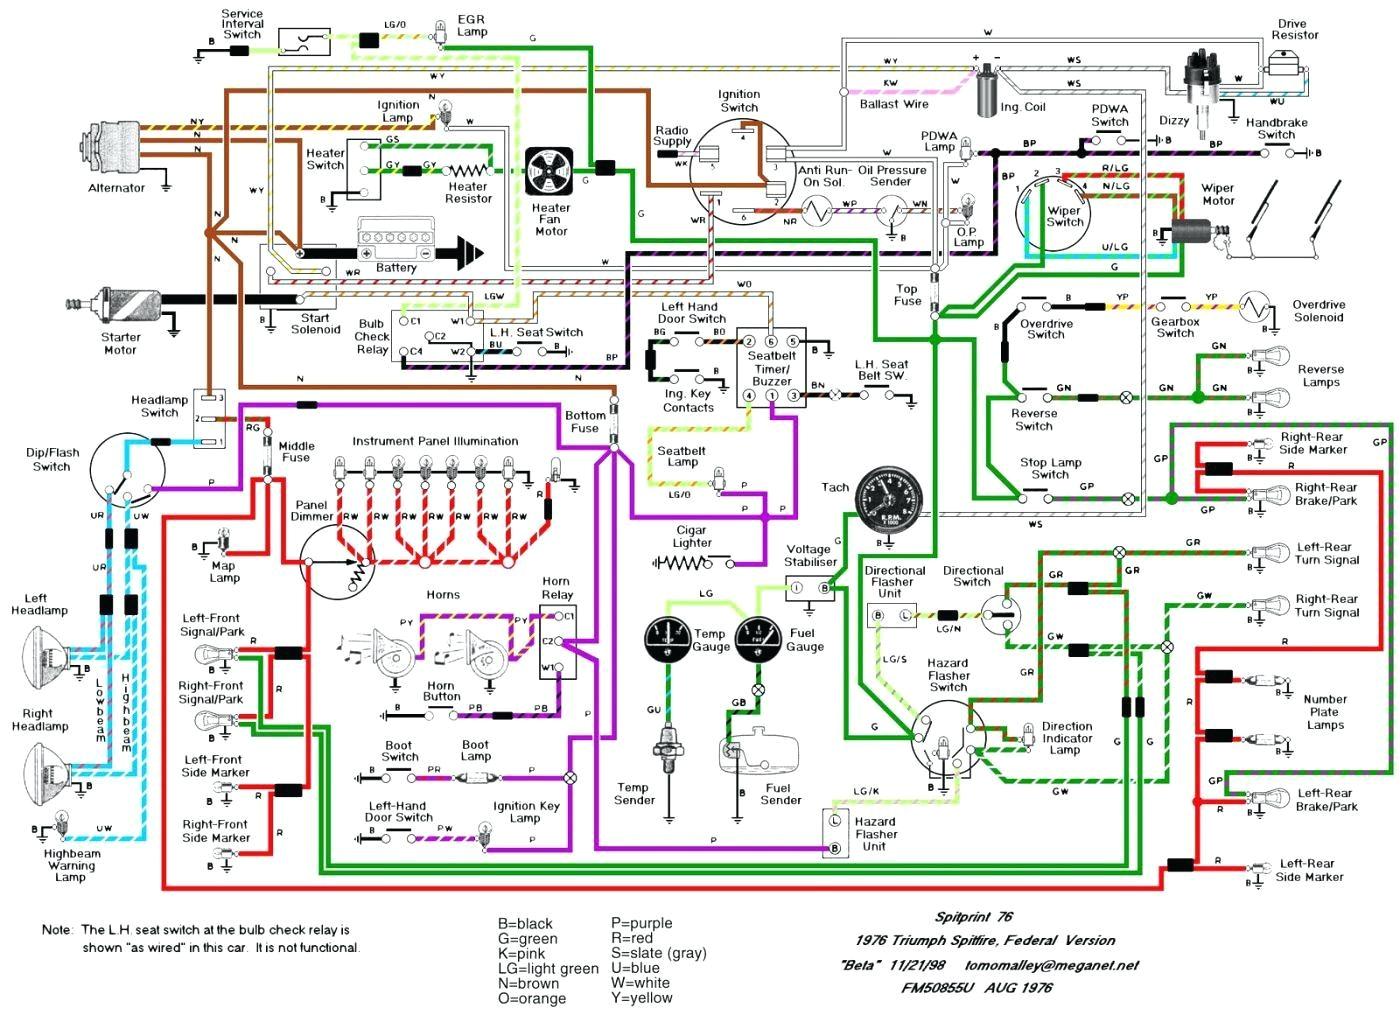 2005 yamaha yzf r6 wiring diagram wiring diagram centreyamaha r6 wiring diagram wiring diagram showyamaha r6